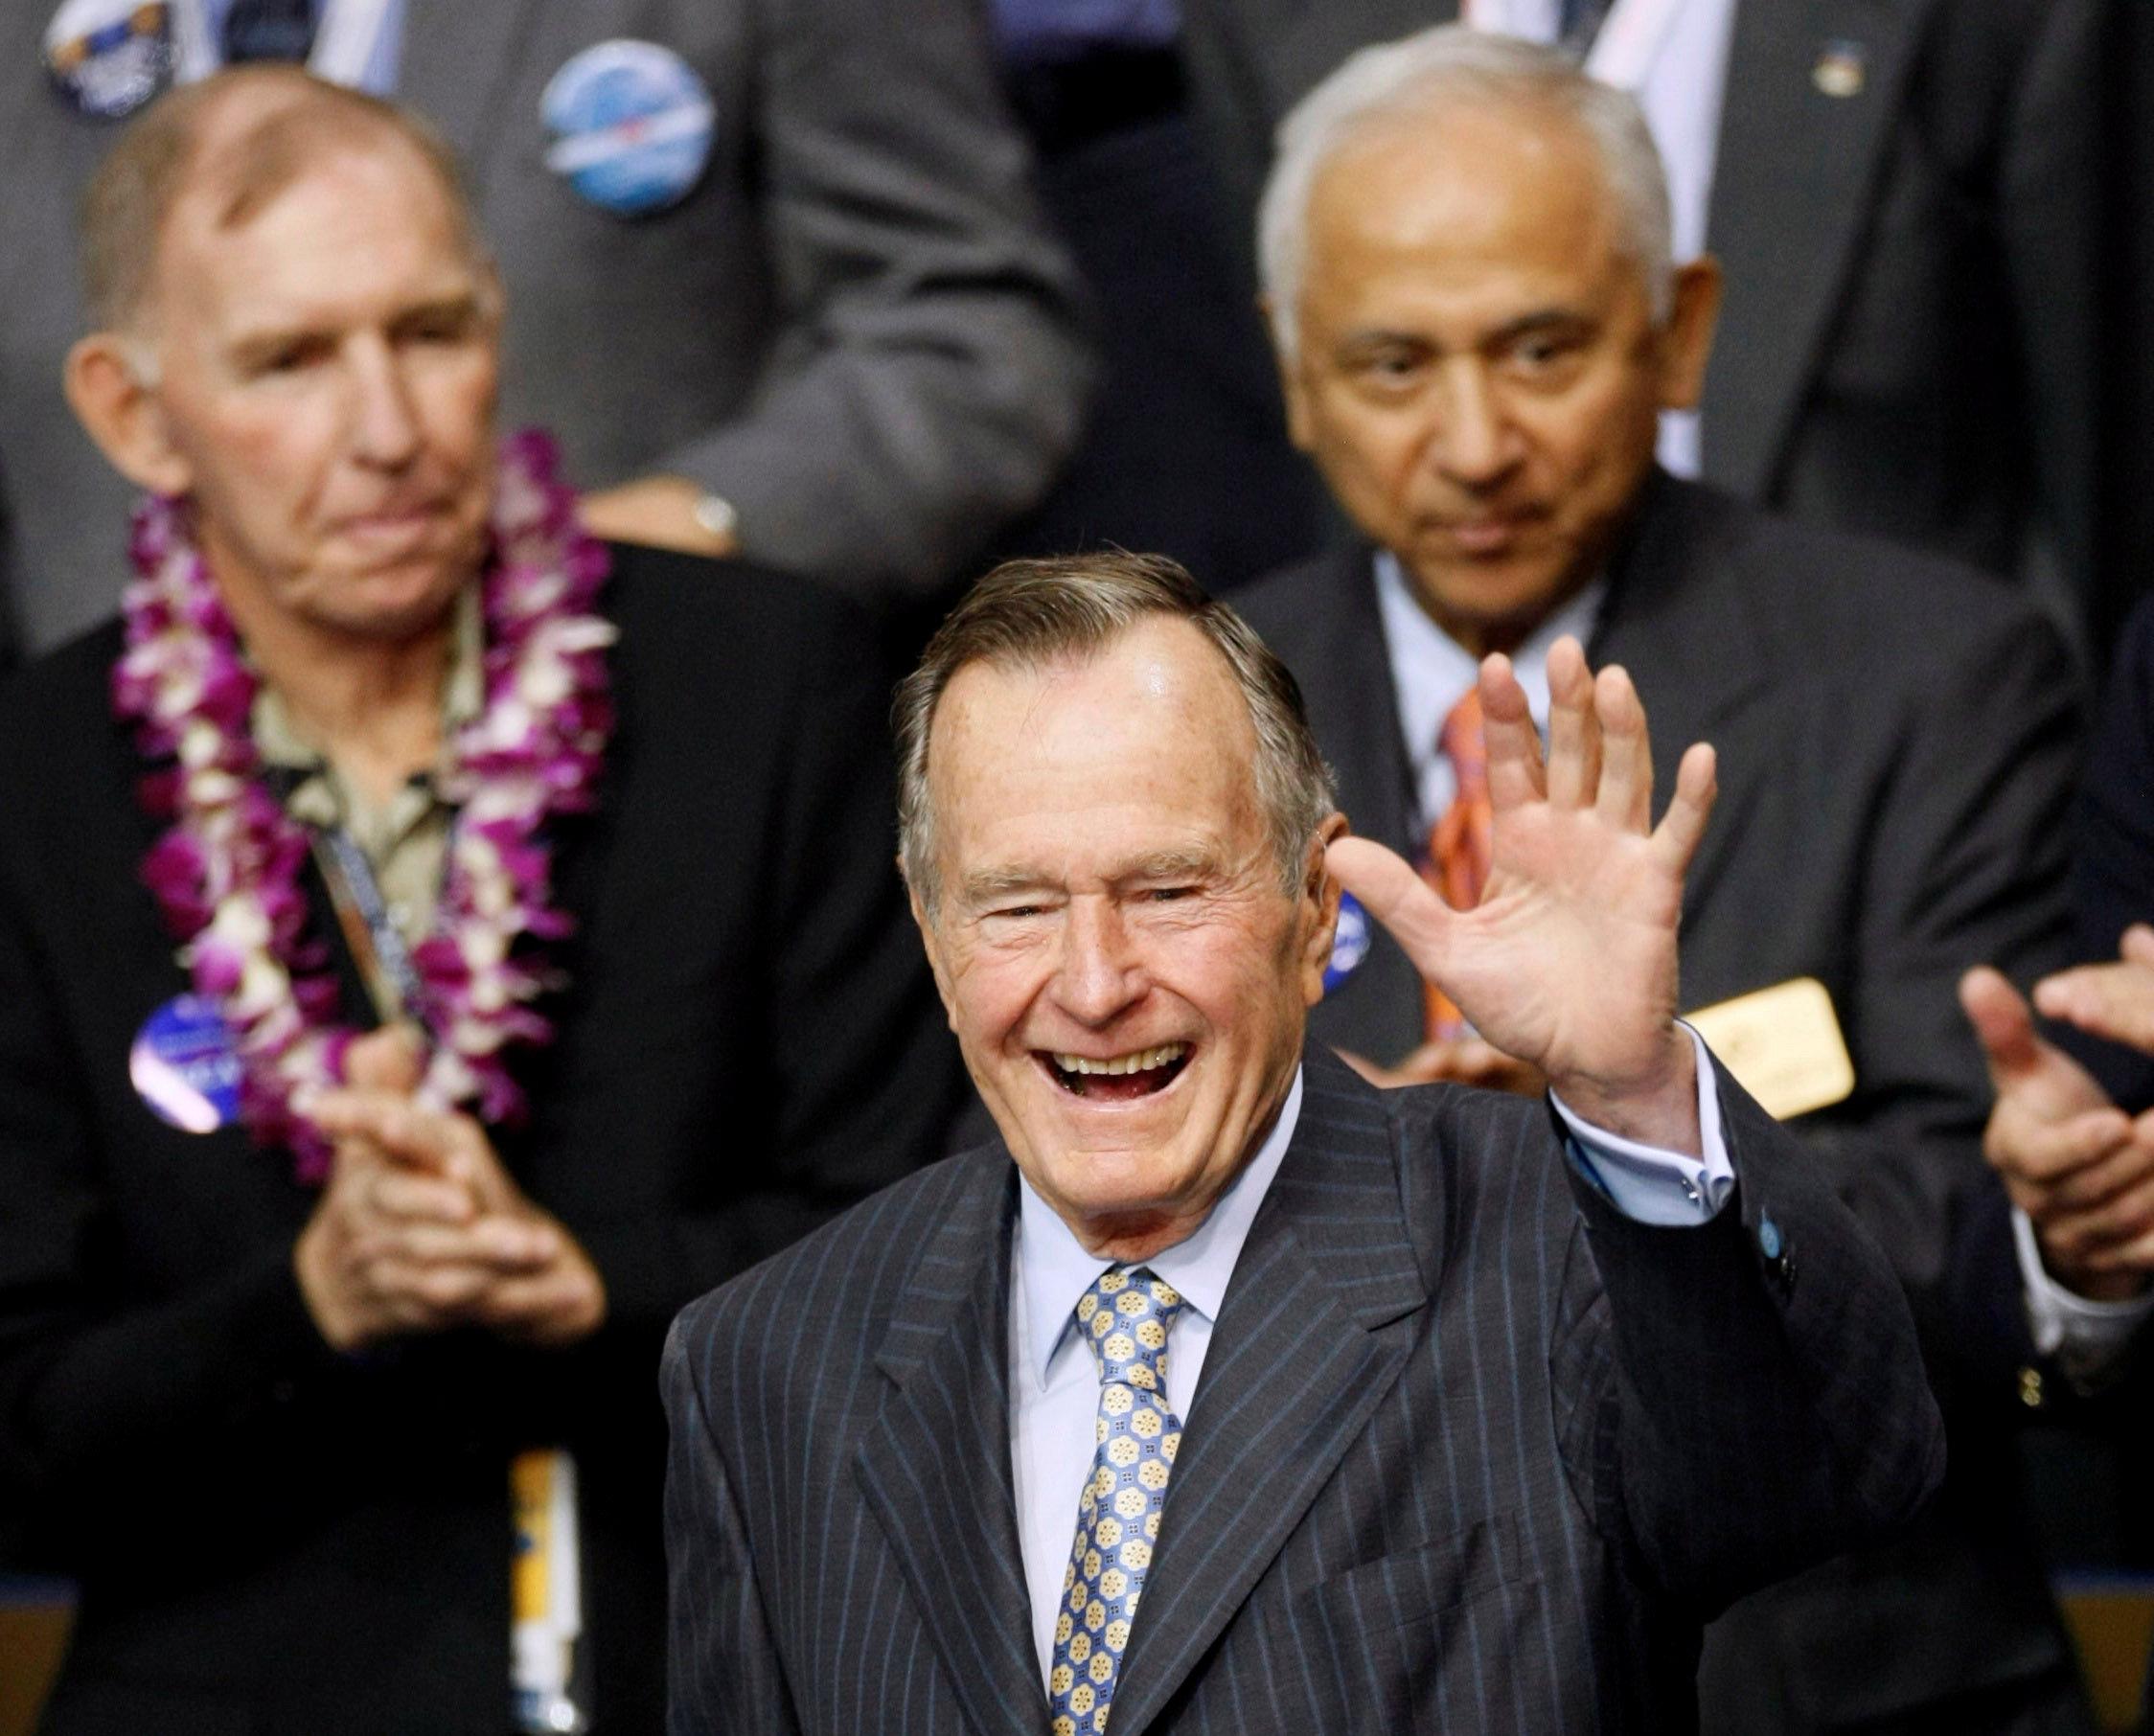 جورج بوش الأب  الرئيس الأمريكى الأسبق  (15)